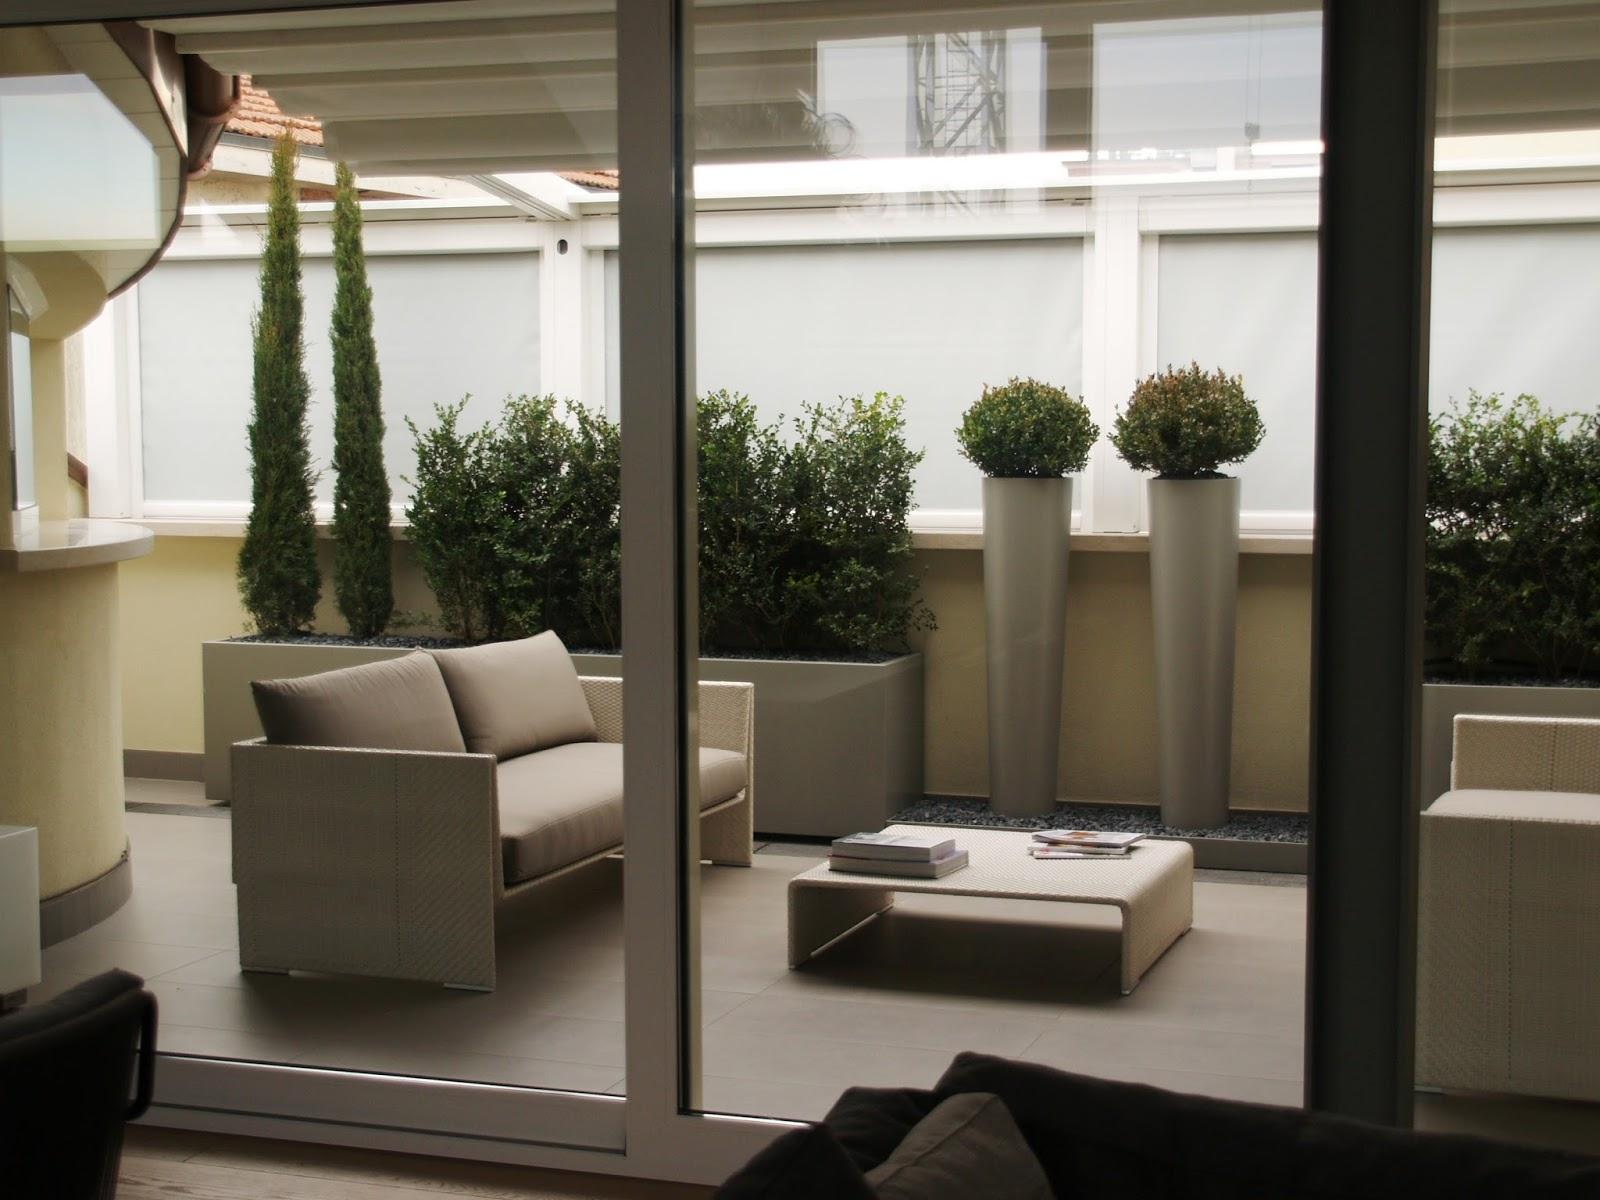 Martin Design ITA: Arredo per terrazzi con fioriere su misura